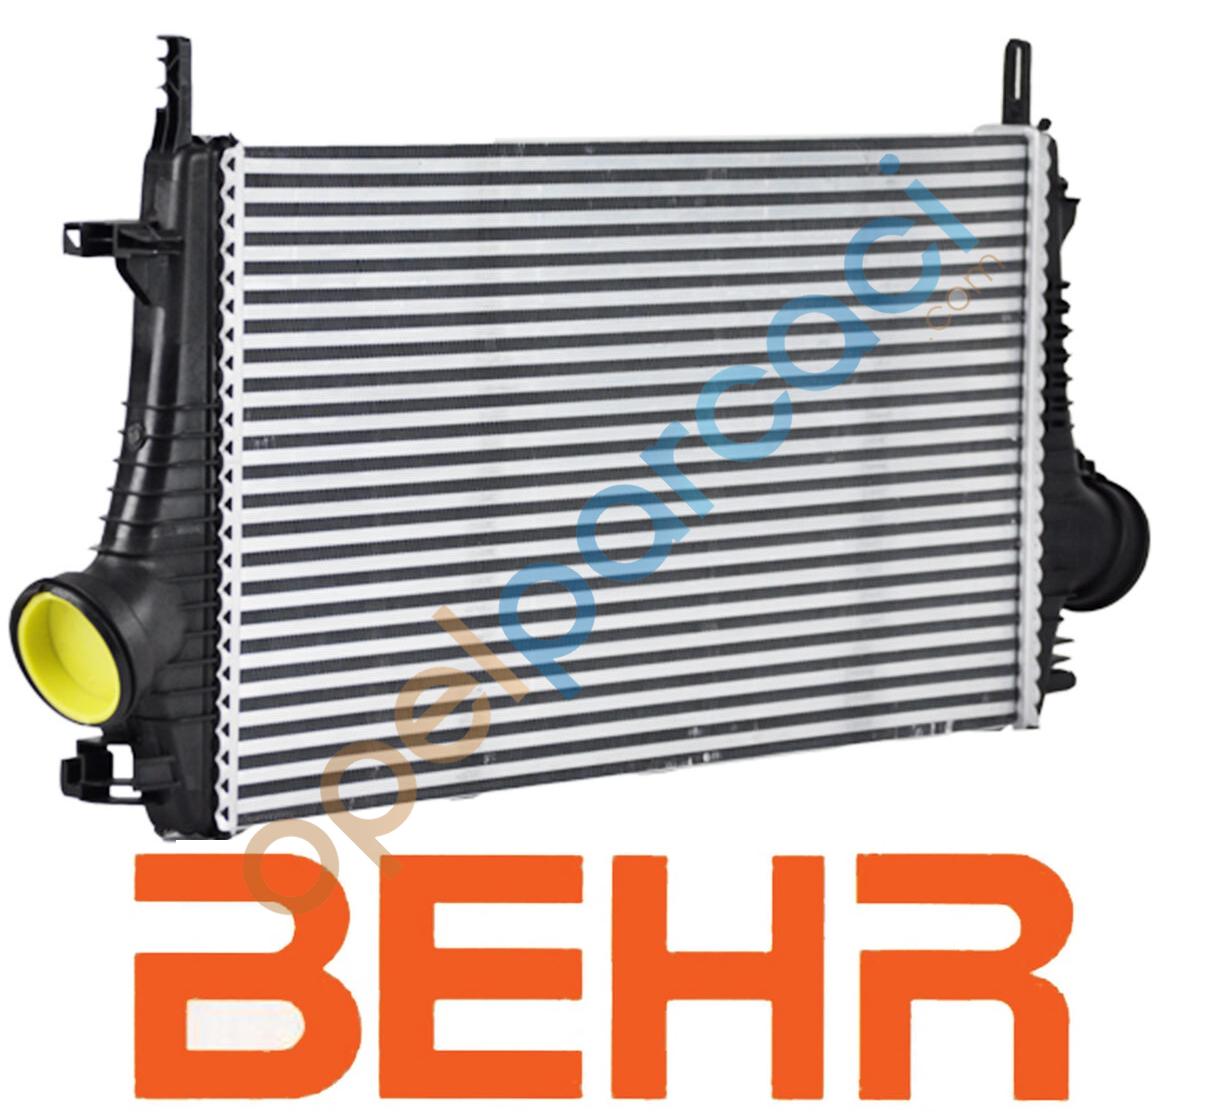 Opel İnsignia Turbo Intercooler Radyatörü 1.6 - 2.0 (A16LET-2.0 DİZEL) Motorlar BEHR